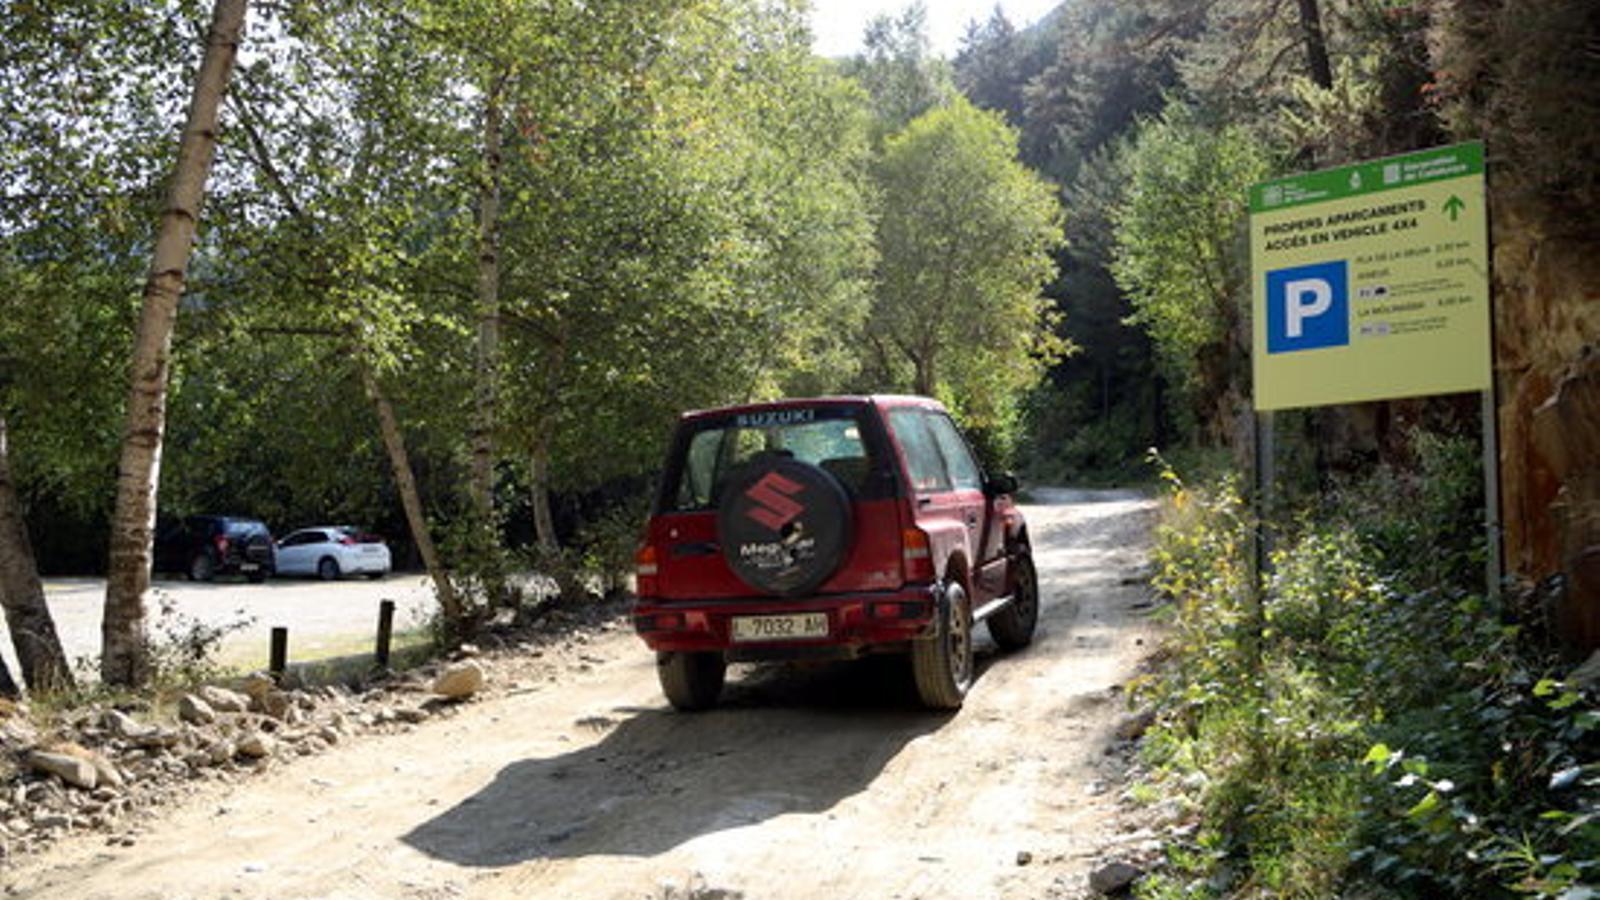 Un vehicle circulant a la zona de la Molinassa. / ACN